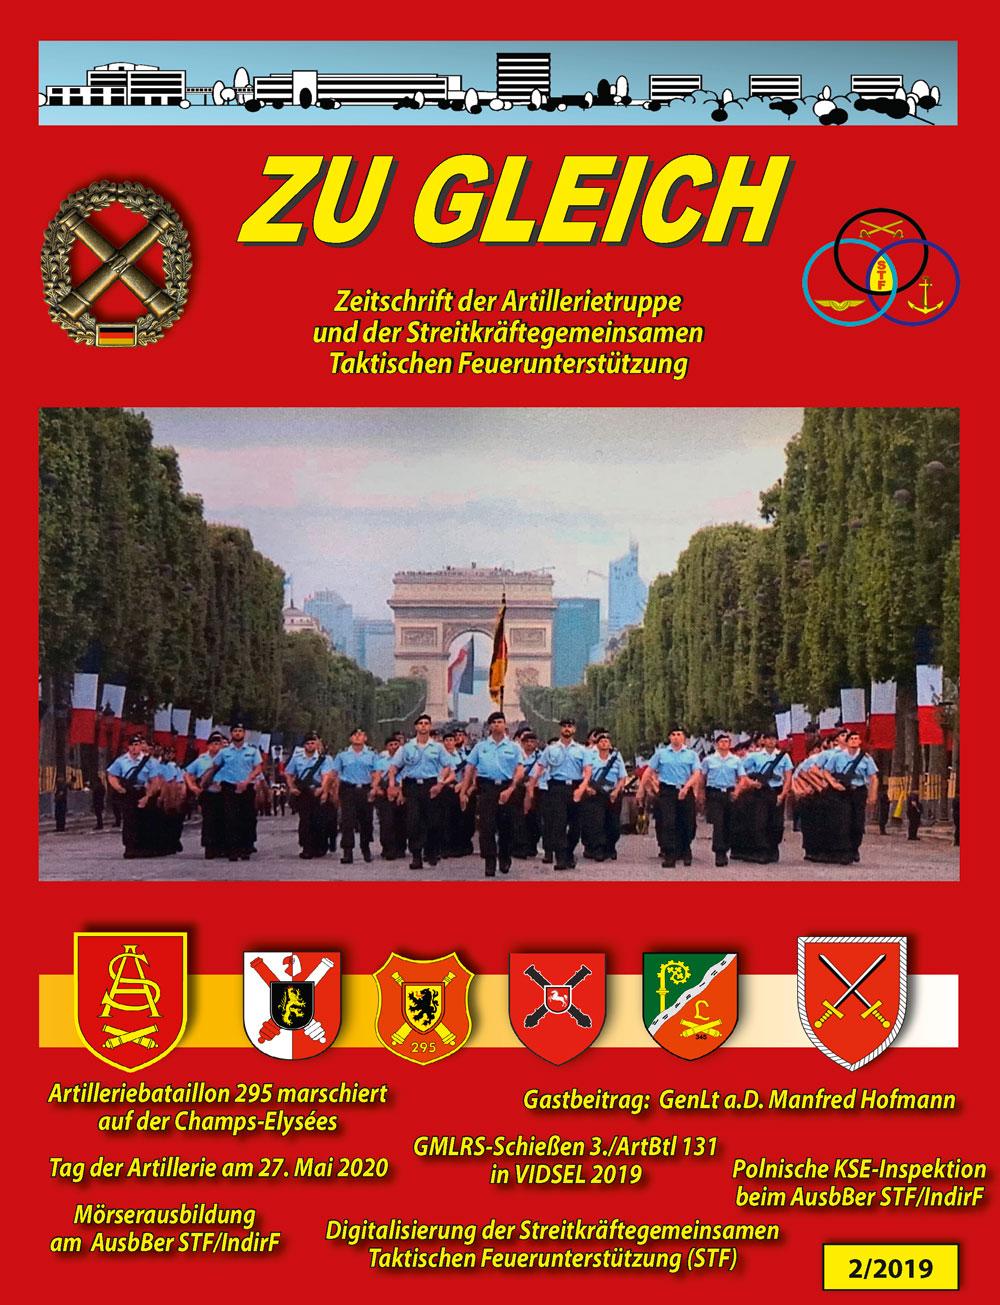 Zu Gleich – Zeitschrift der Artillerietruppe und der Streitkräftegemeinsamen Taktischen Feuerunterstützung